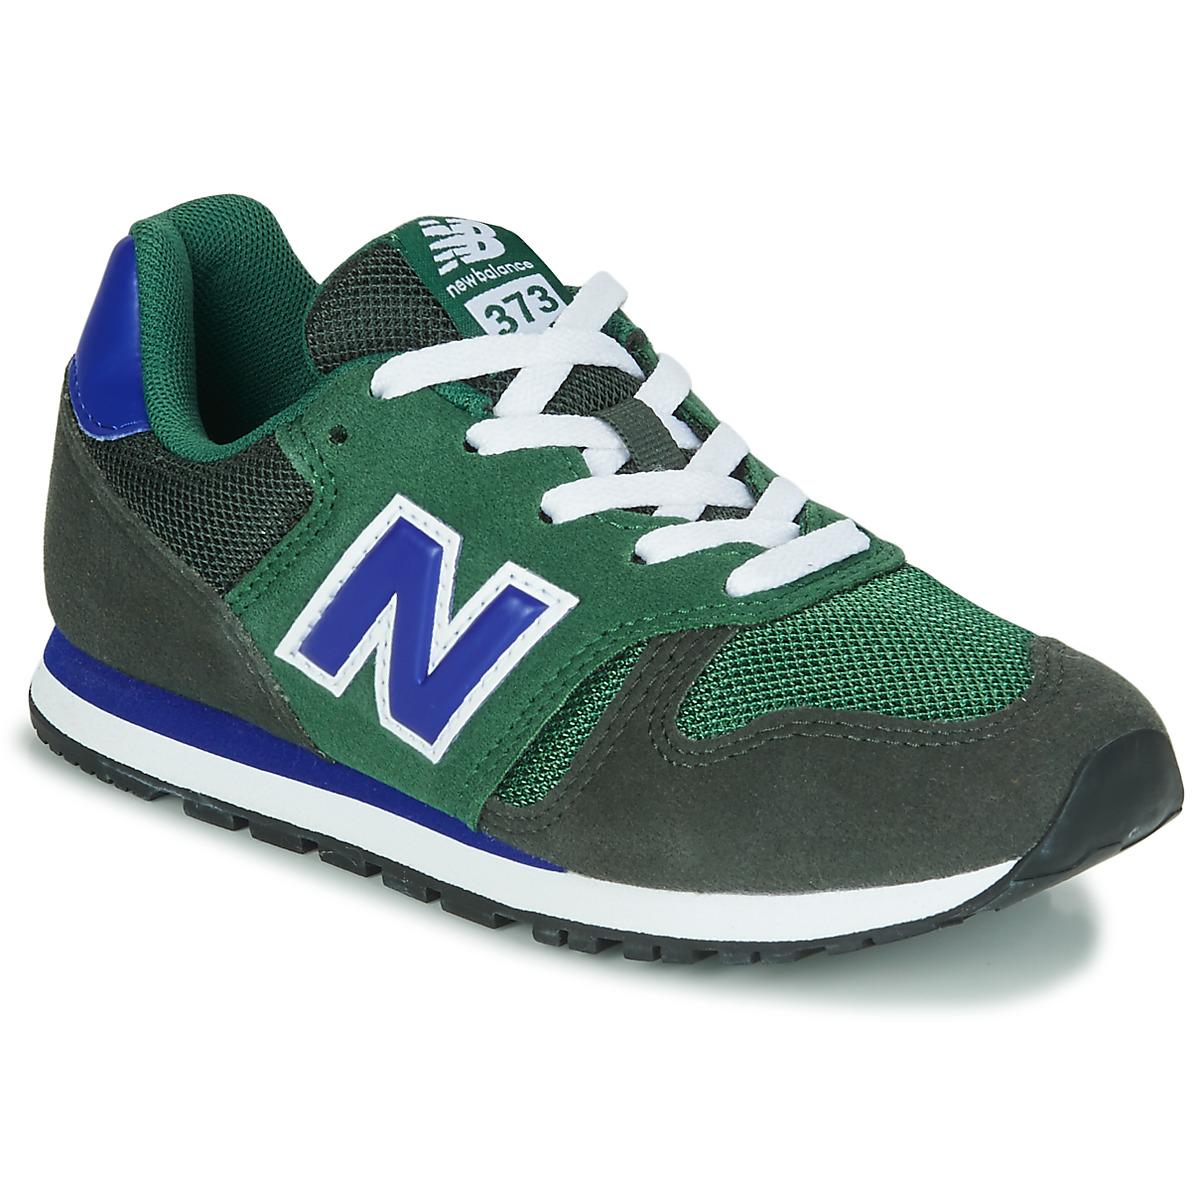 New Balance 373 Verde Bambino 16697165 Consegna Gratuita